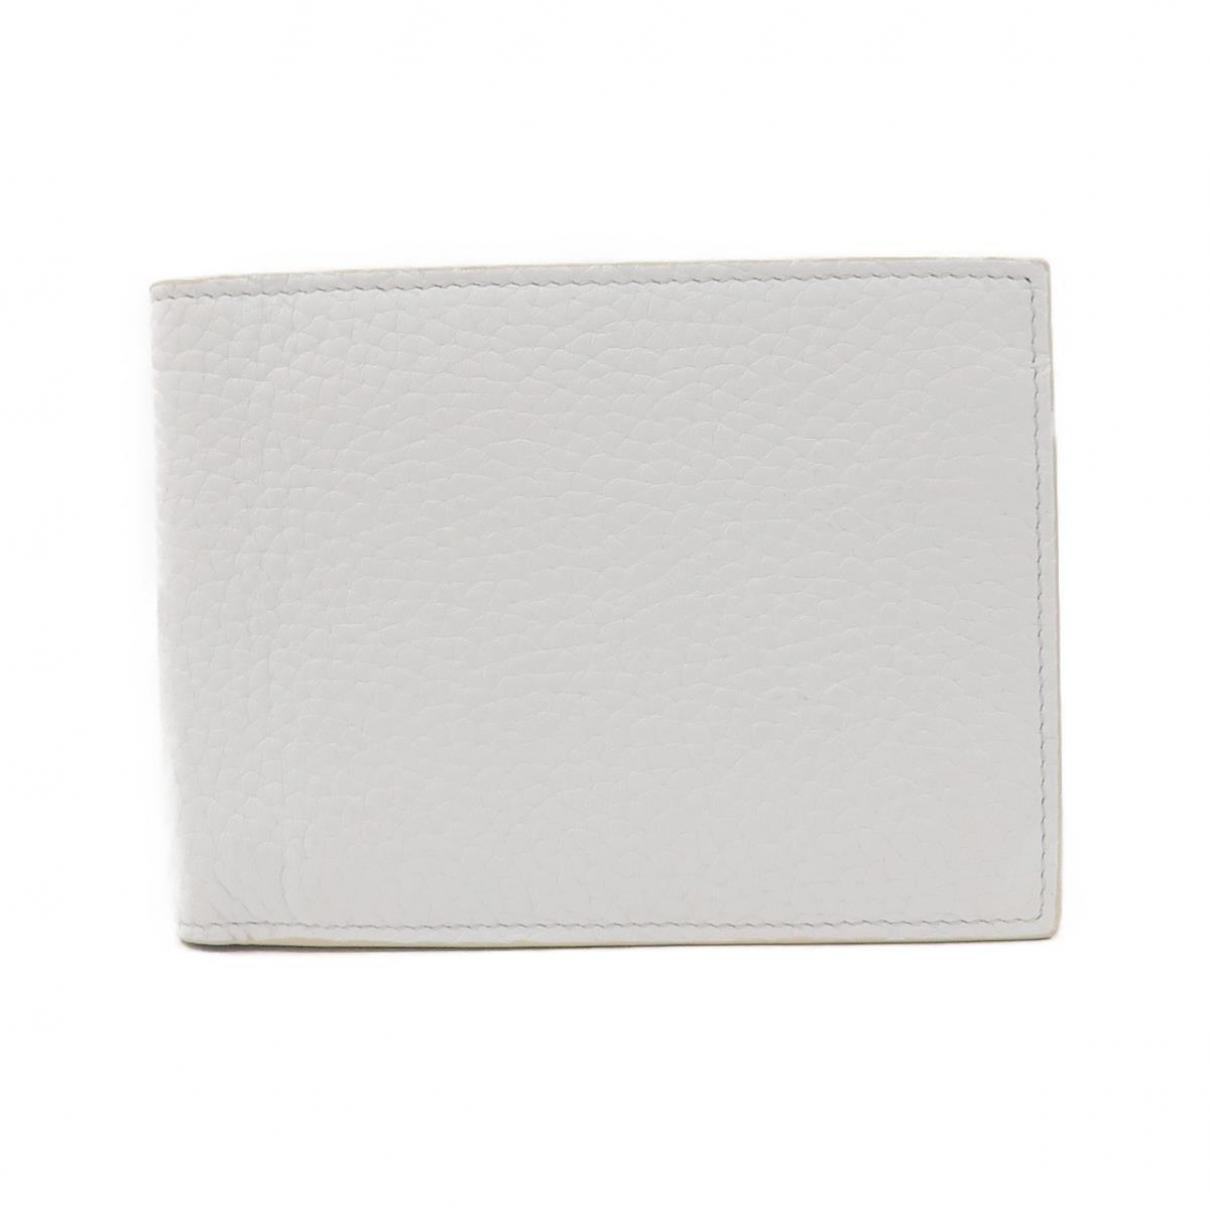 Bottega Veneta \N White Leather wallet for Women \N